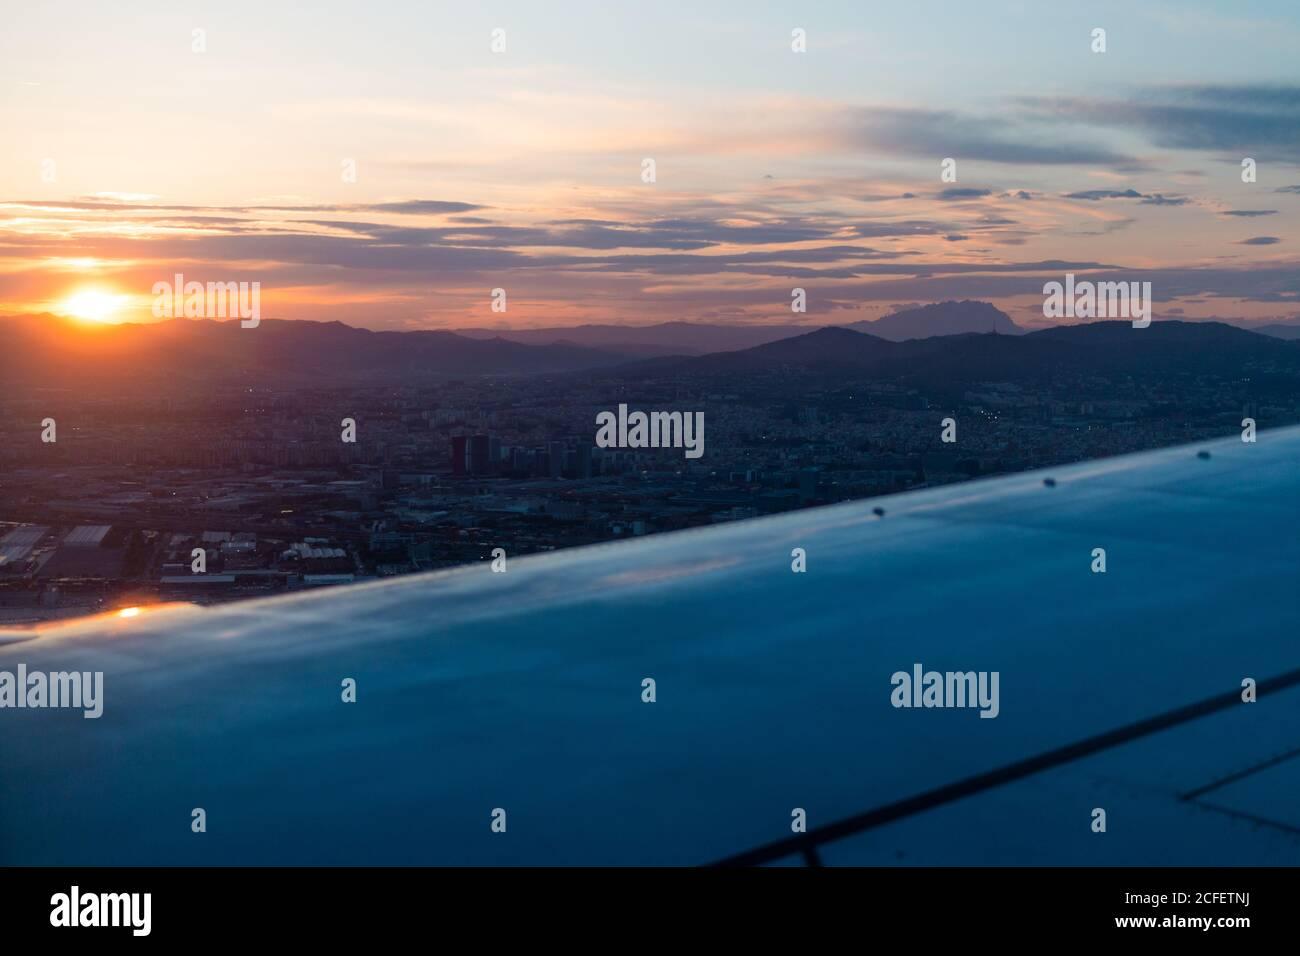 Blick vom Fenster des Flügels auf moderne Flugzeuge, die überfliegen Dichte Wolken während der Sonnenuntergangszeit Stockfoto